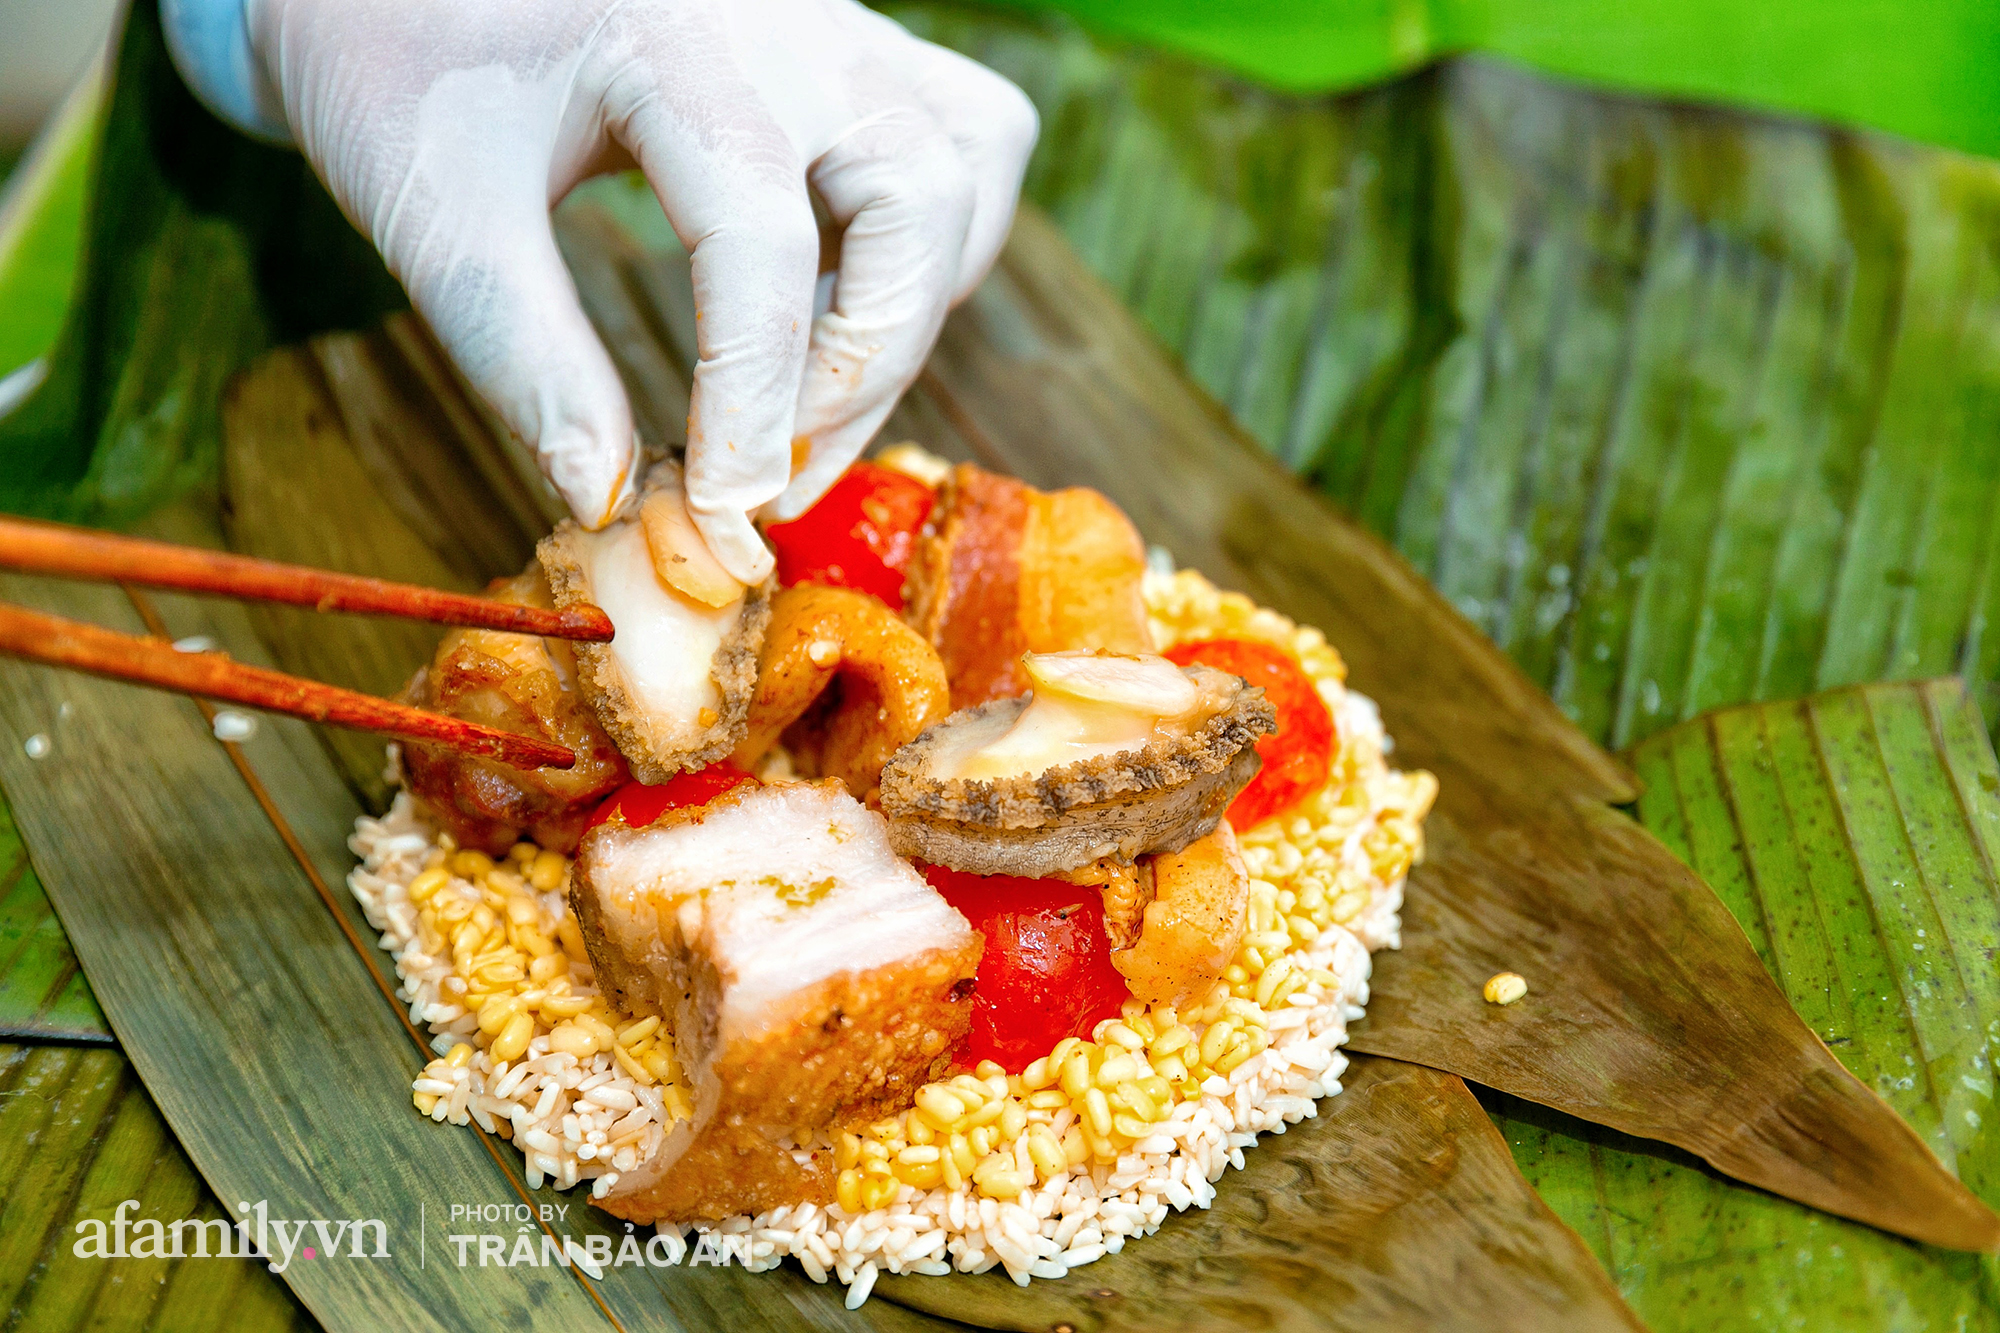 Tết Đoan Ngọ tại lò bánh Bá Trạng lâu đời nhất Sài Gòn, một cặp bánh có giá lên tới 1 triệu đồng với bào ngư, heo quay, sò điệp mà một năm chỉ được ăn duy nhất 1 lần! - Ảnh 8.